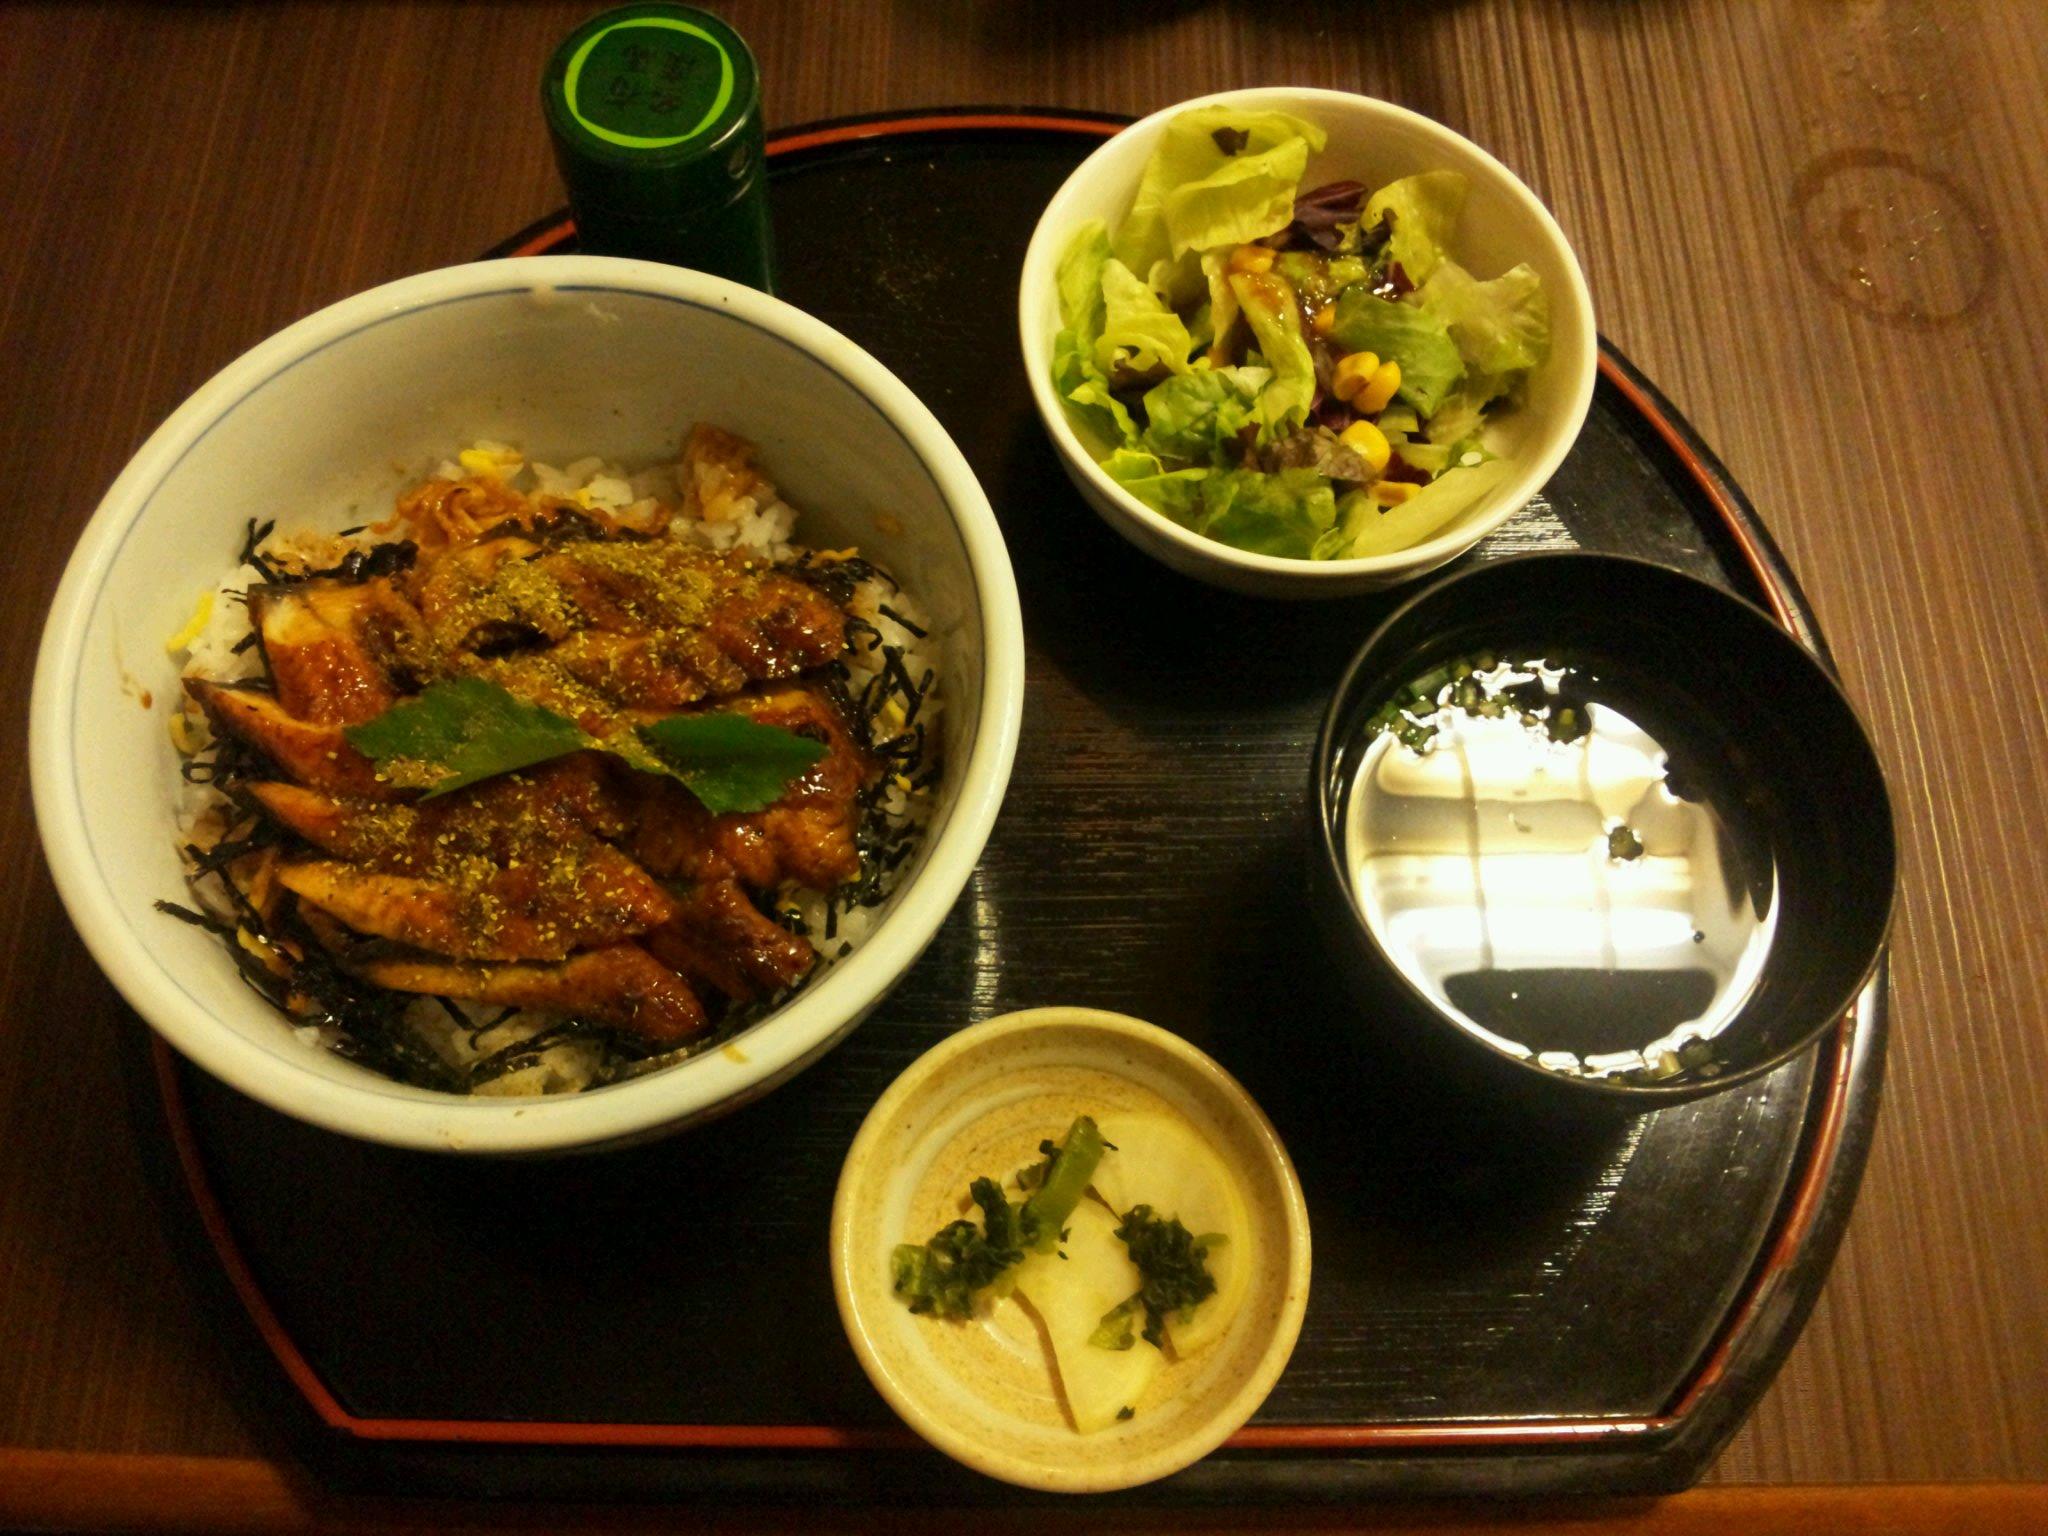 【ボンシェール】鶴屋にある、ヘルシーなファミリーレストラン